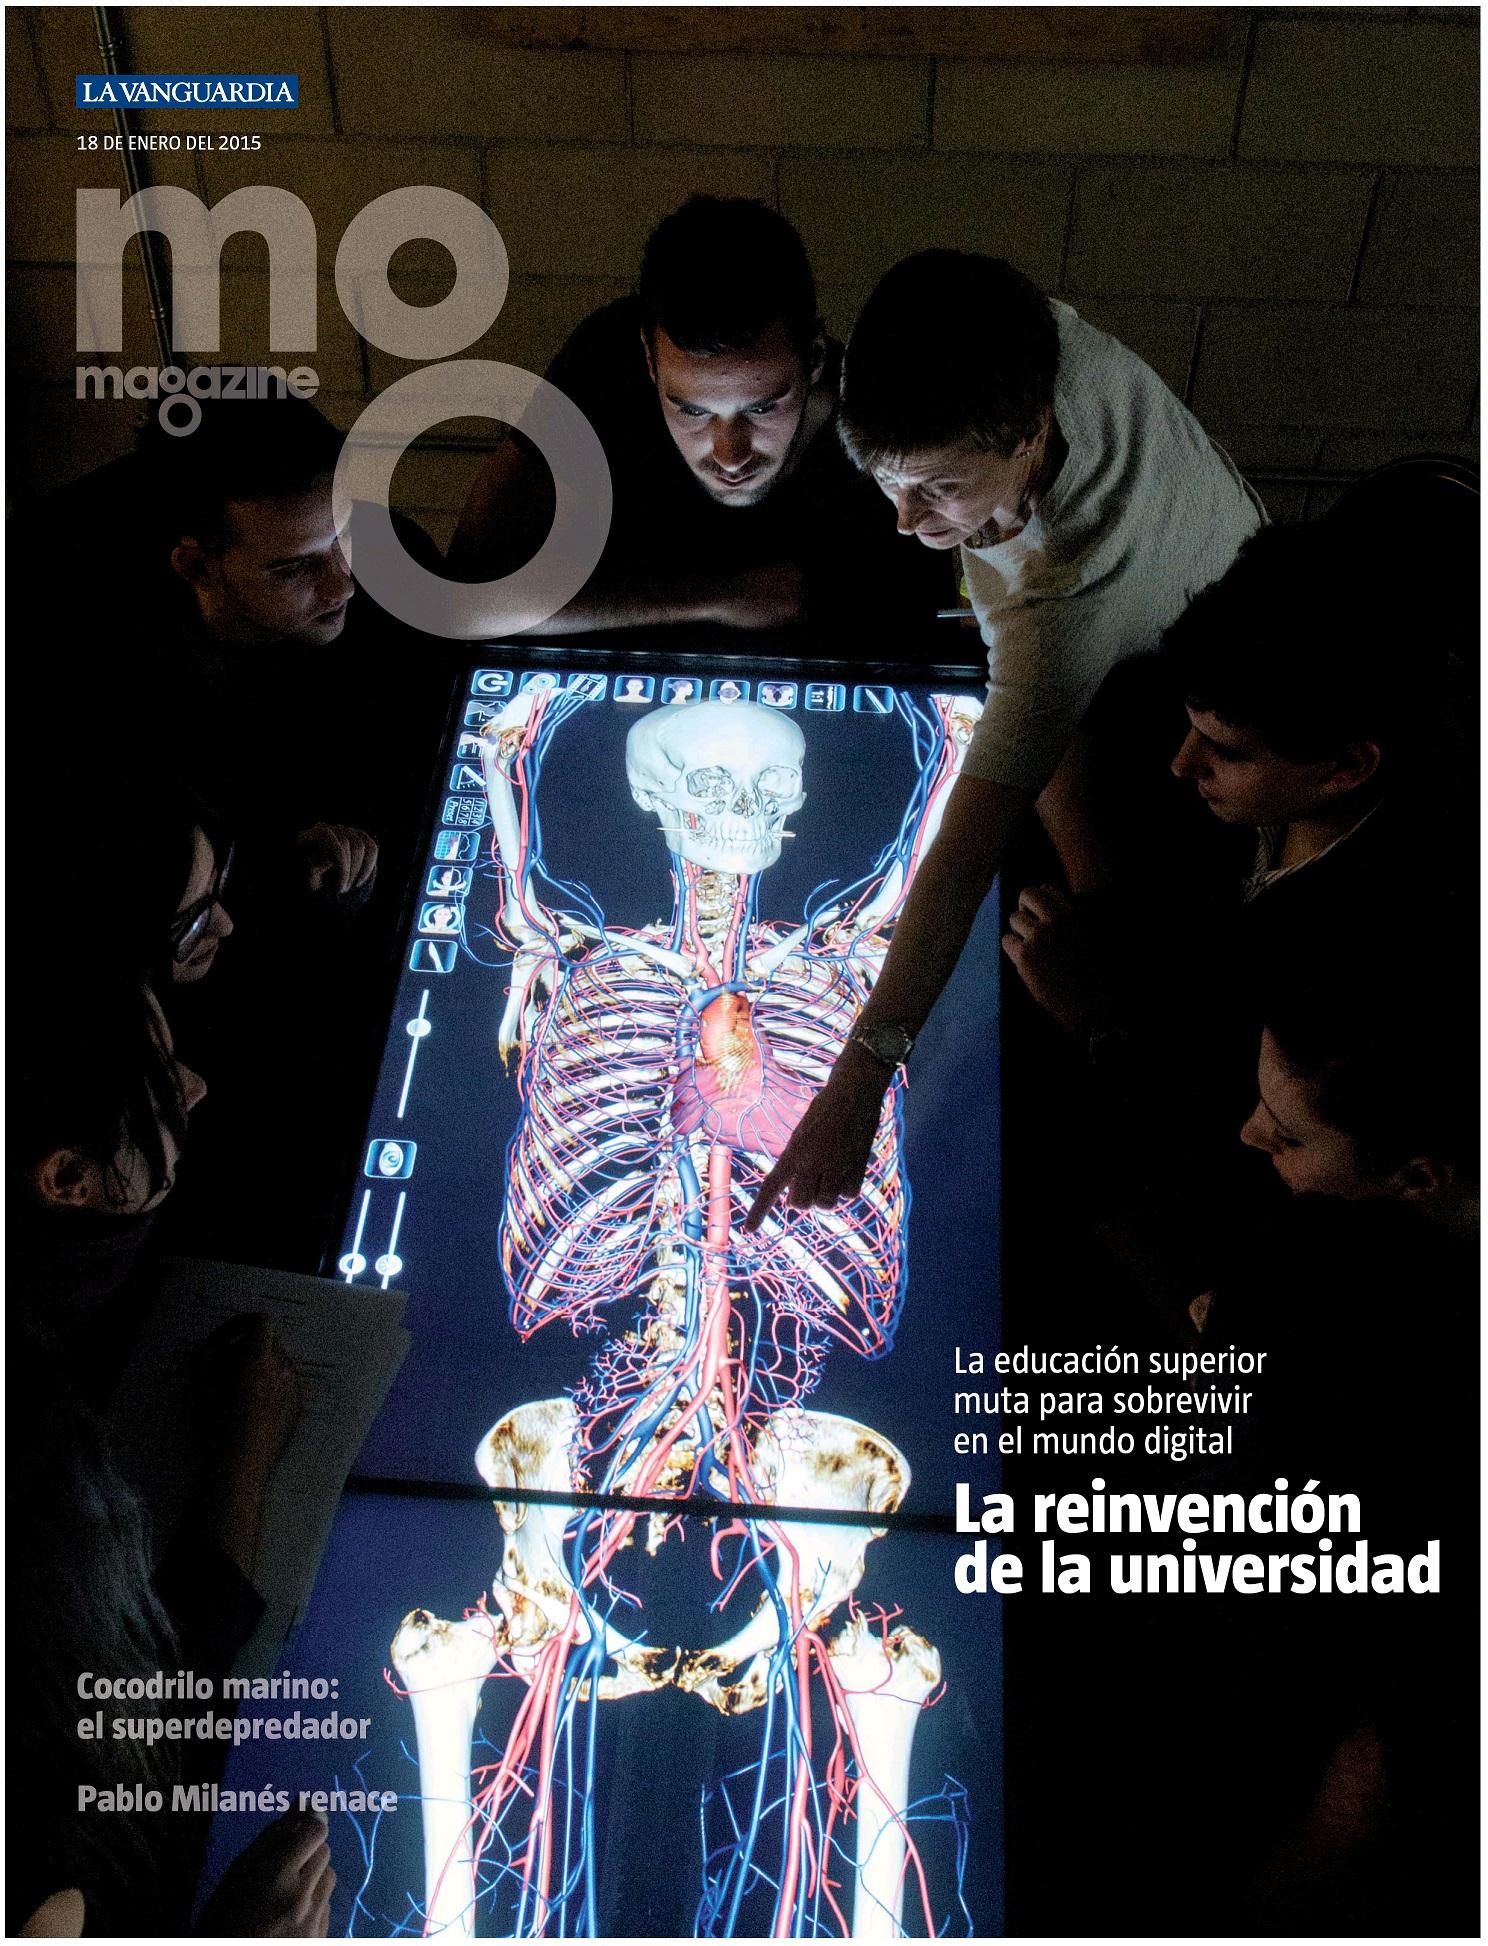 MEGAZINE portada 18 de Enero 2015